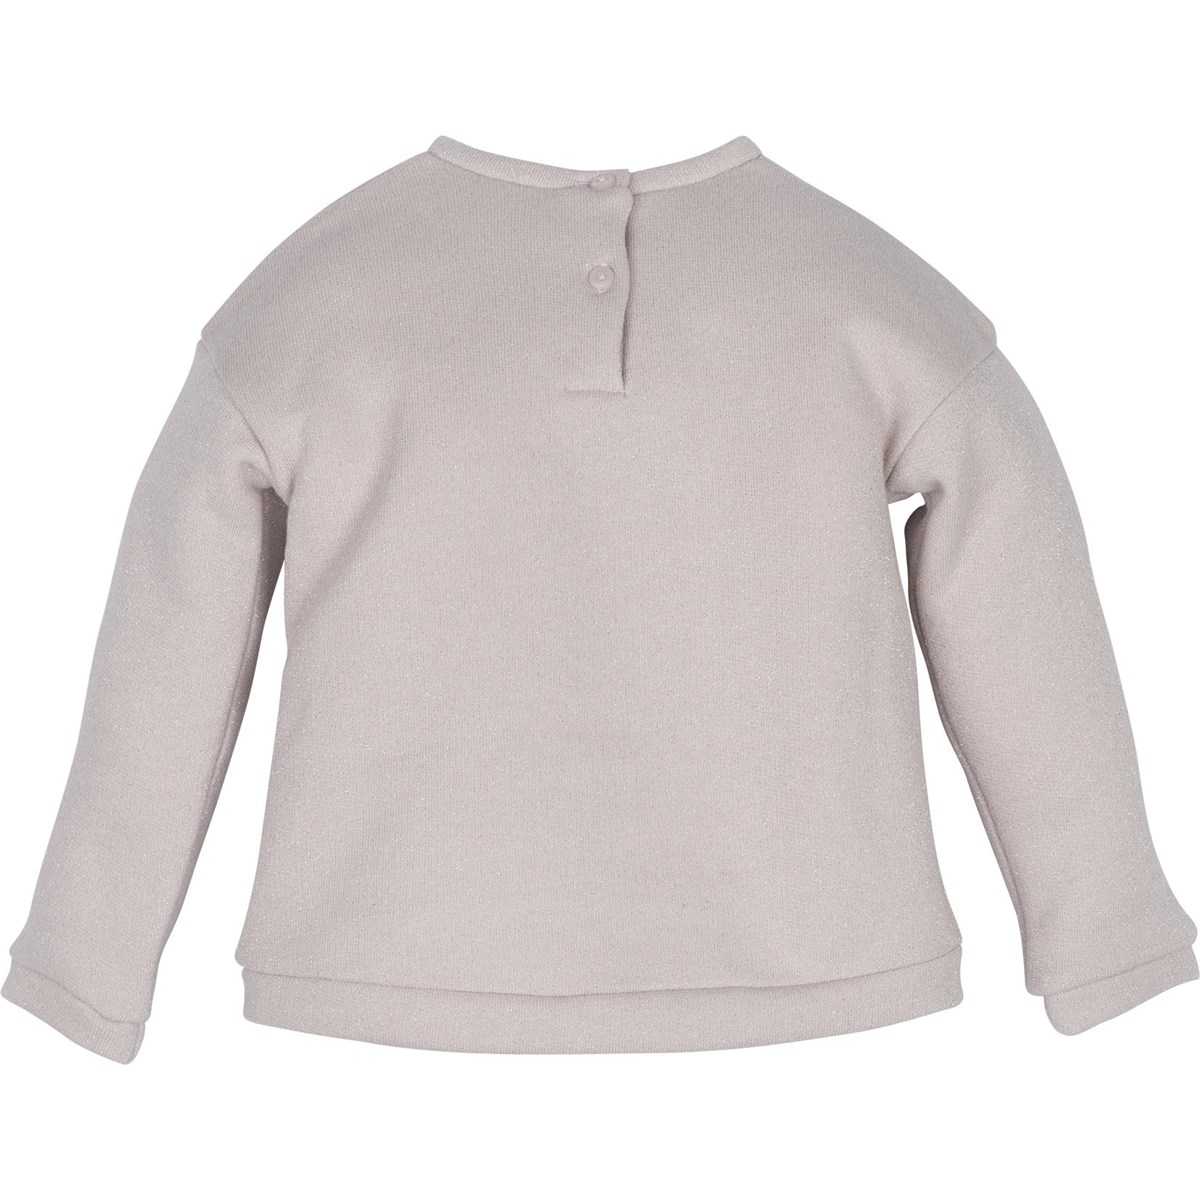 12442 Sweatshirt 2